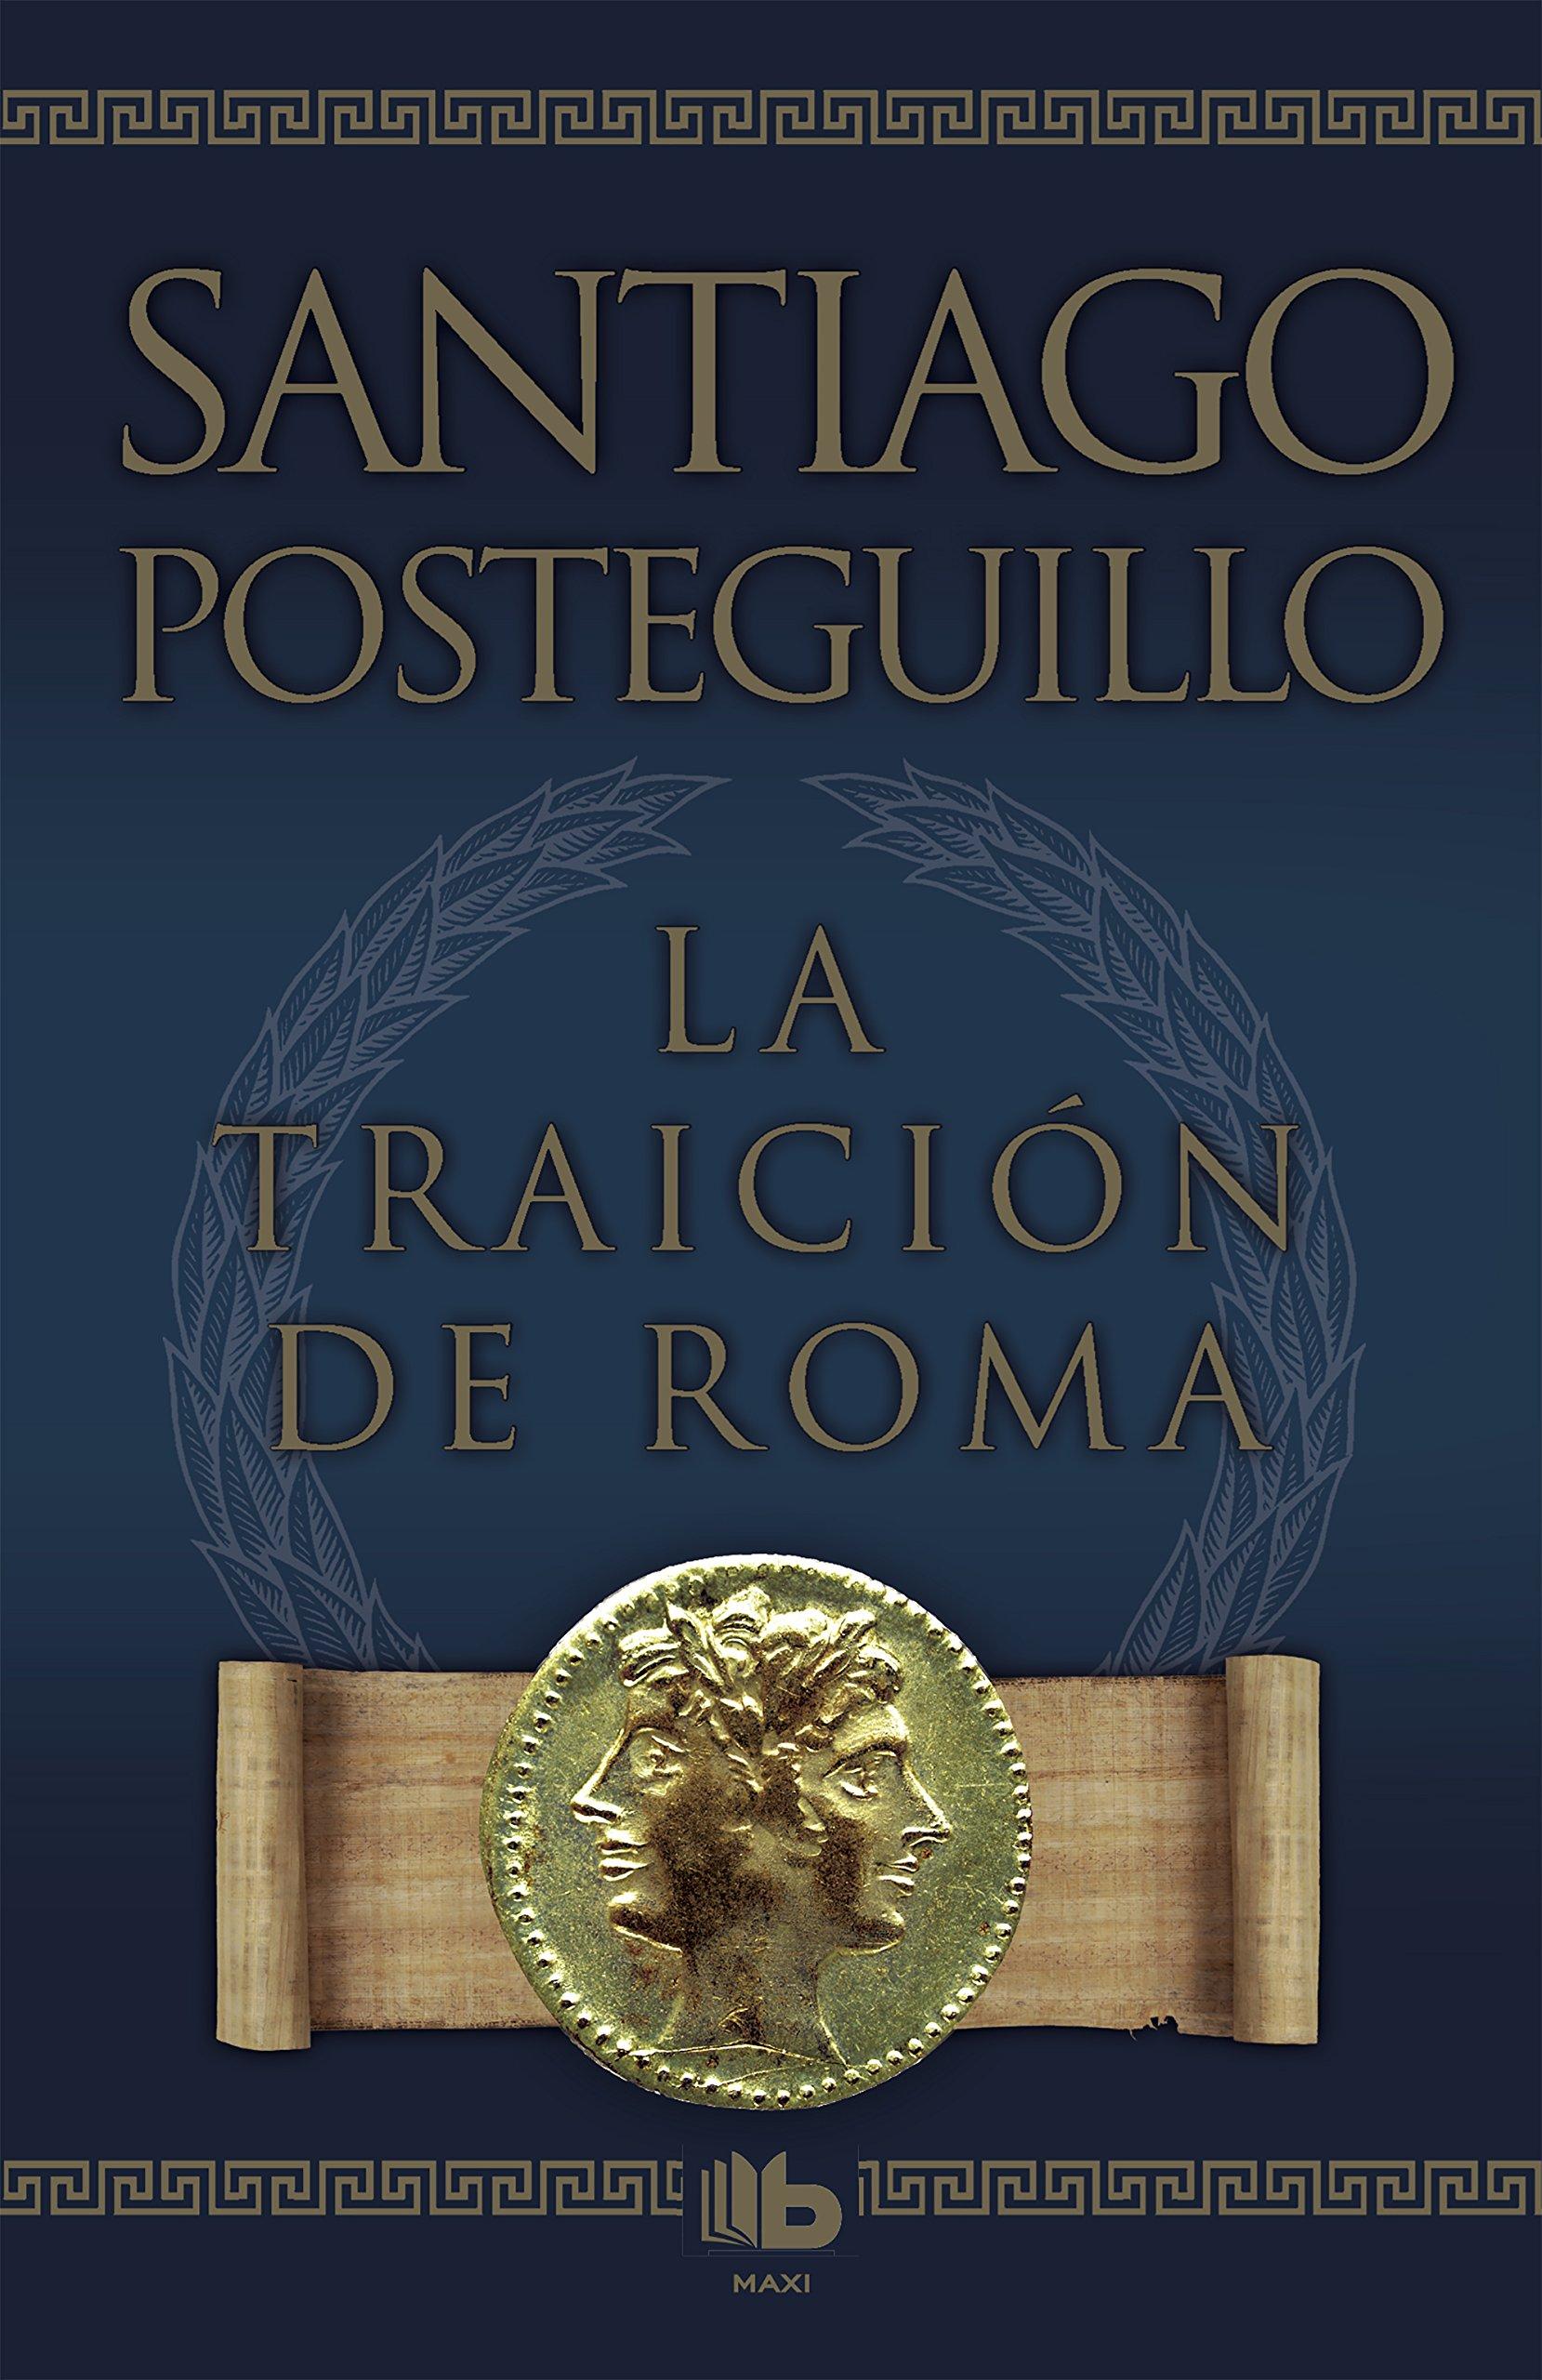 mejores libros de Santiago Posteguillo - La Traición de Roma